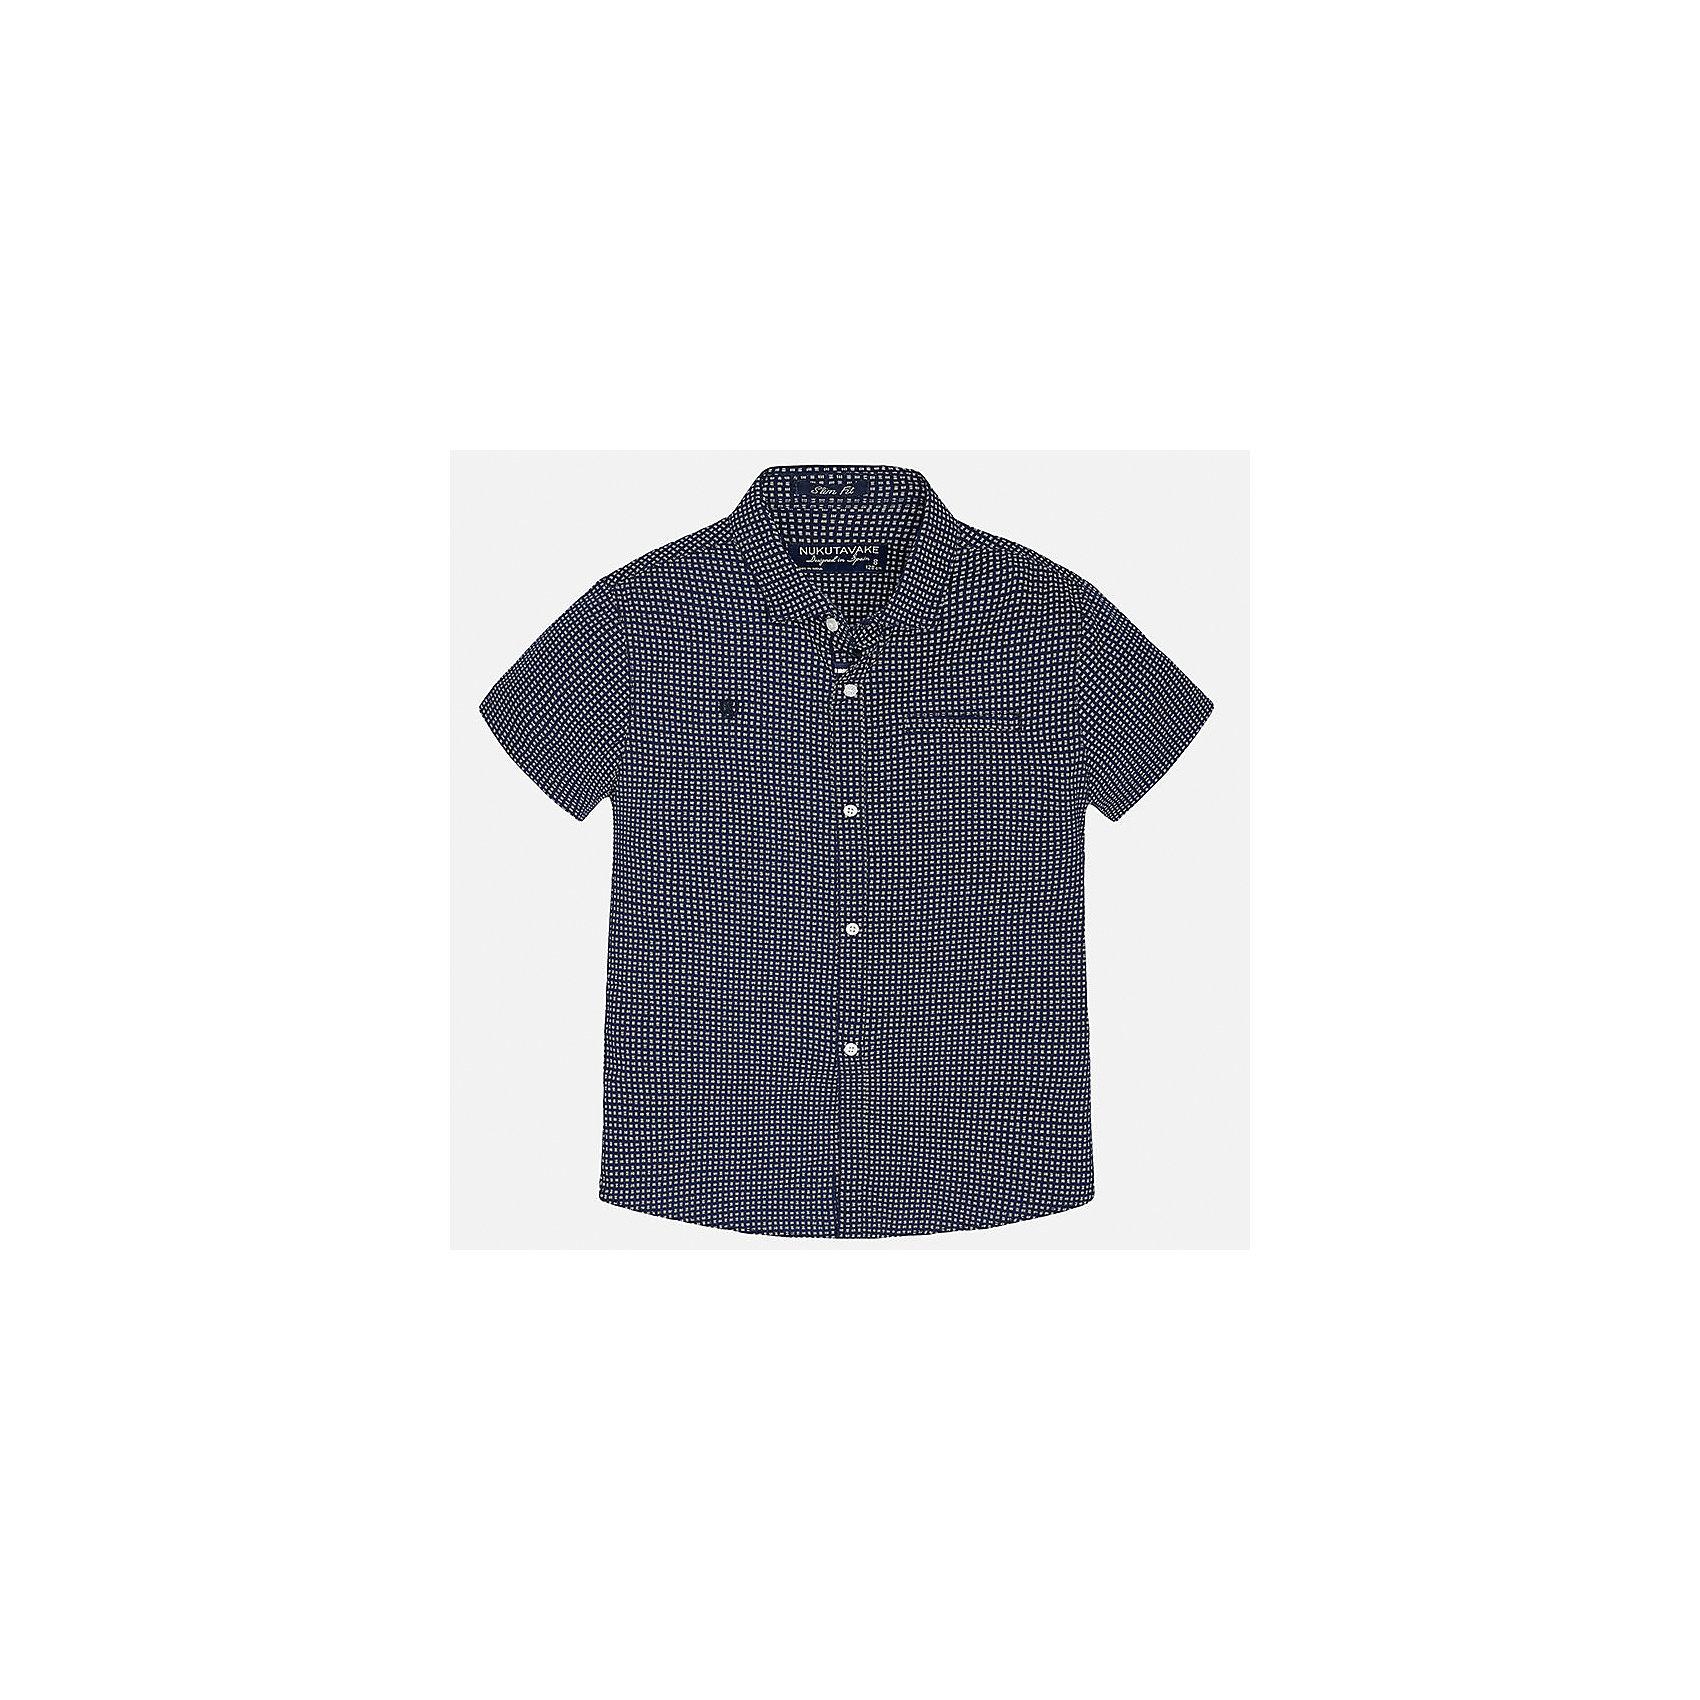 Рубашка для мальчика MayoralБлузки и рубашки<br>Характеристики товара:<br><br>• цвет: синий<br>• состав: 100% хлопок<br>• отложной воротник<br>• декорирована вышивкой и карманом на груди<br>• короткие рукава<br>• застежки: пуговицы<br>• страна бренда: Испания<br><br>Модная рубашка поможет разнообразить гардероб мальчика. Она отлично сочетается с брюками, шортами, джинсами. Универсальный крой и цвет позволяет подобрать к вещи низ разных расцветок. Практичное и стильное изделие! Хорошо смотрится и комфортно сидит на детях. В составе материала - только натуральный хлопок, гипоаллергенный, приятный на ощупь, дышащий. <br><br>Одежда, обувь и аксессуары от испанского бренда Mayoral полюбились детям и взрослым по всему миру. Модели этой марки - стильные и удобные. Для их производства используются только безопасные, качественные материалы и фурнитура. Порадуйте ребенка модными и красивыми вещами от Mayoral! <br><br>Рубашку для мальчика от испанского бренда Mayoral (Майорал) можно купить в нашем интернет-магазине.<br><br>Ширина мм: 174<br>Глубина мм: 10<br>Высота мм: 169<br>Вес г: 157<br>Цвет: синий<br>Возраст от месяцев: 156<br>Возраст до месяцев: 168<br>Пол: Мужской<br>Возраст: Детский<br>Размер: 170,128/134,164,140,152,158<br>SKU: 5281582